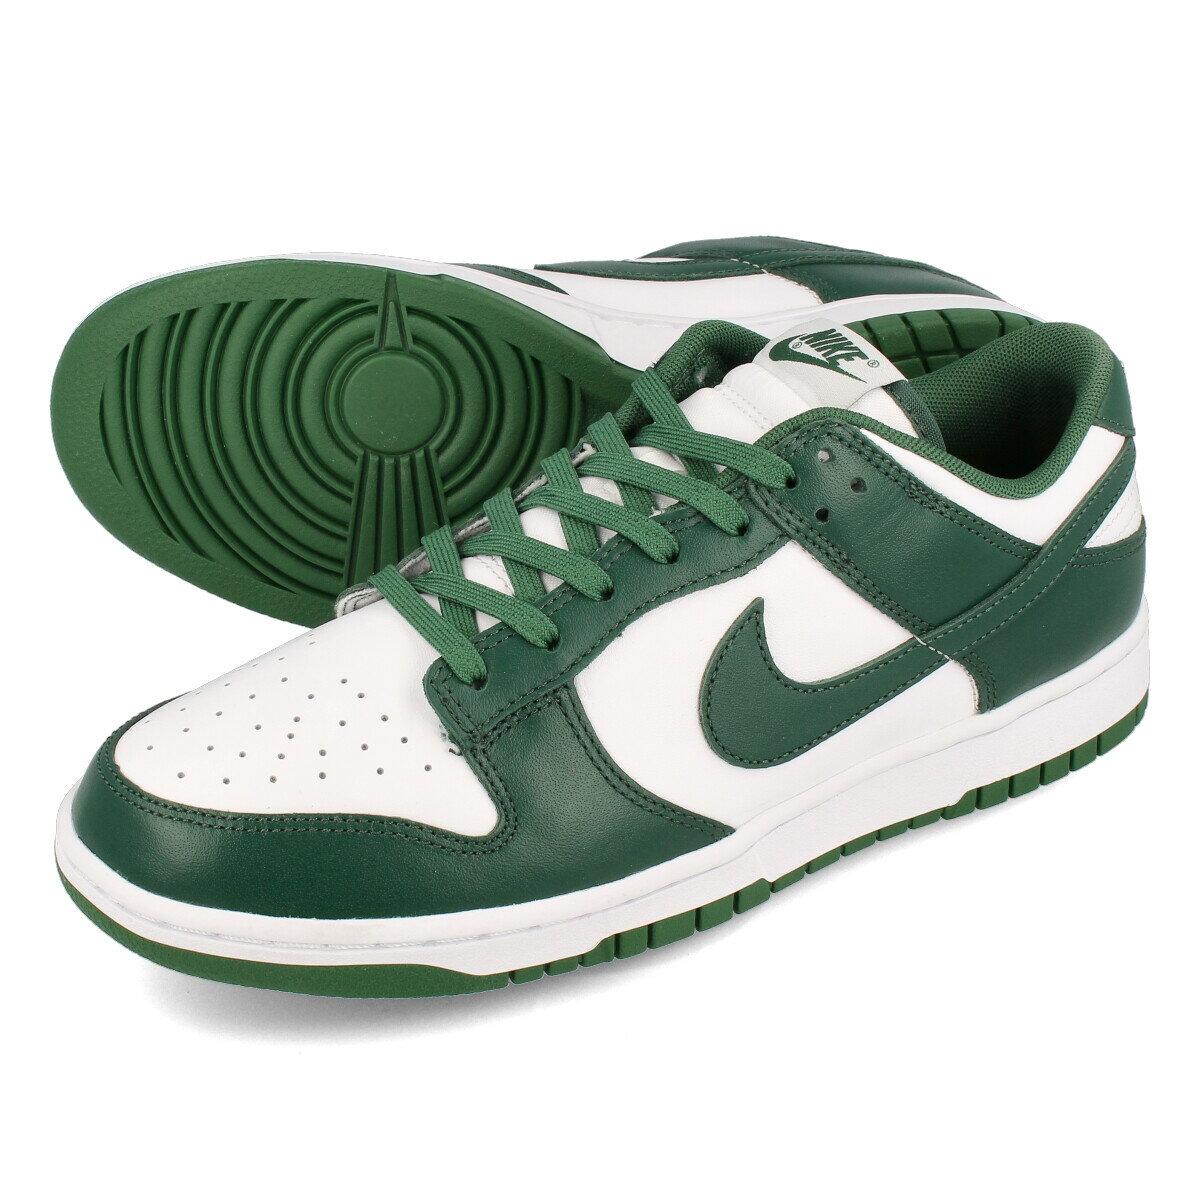 メンズ靴, スニーカー NIKE DUNK LOW RETRO WHITETEAM GREENWHITETOTAL ORANGE dd1391-101